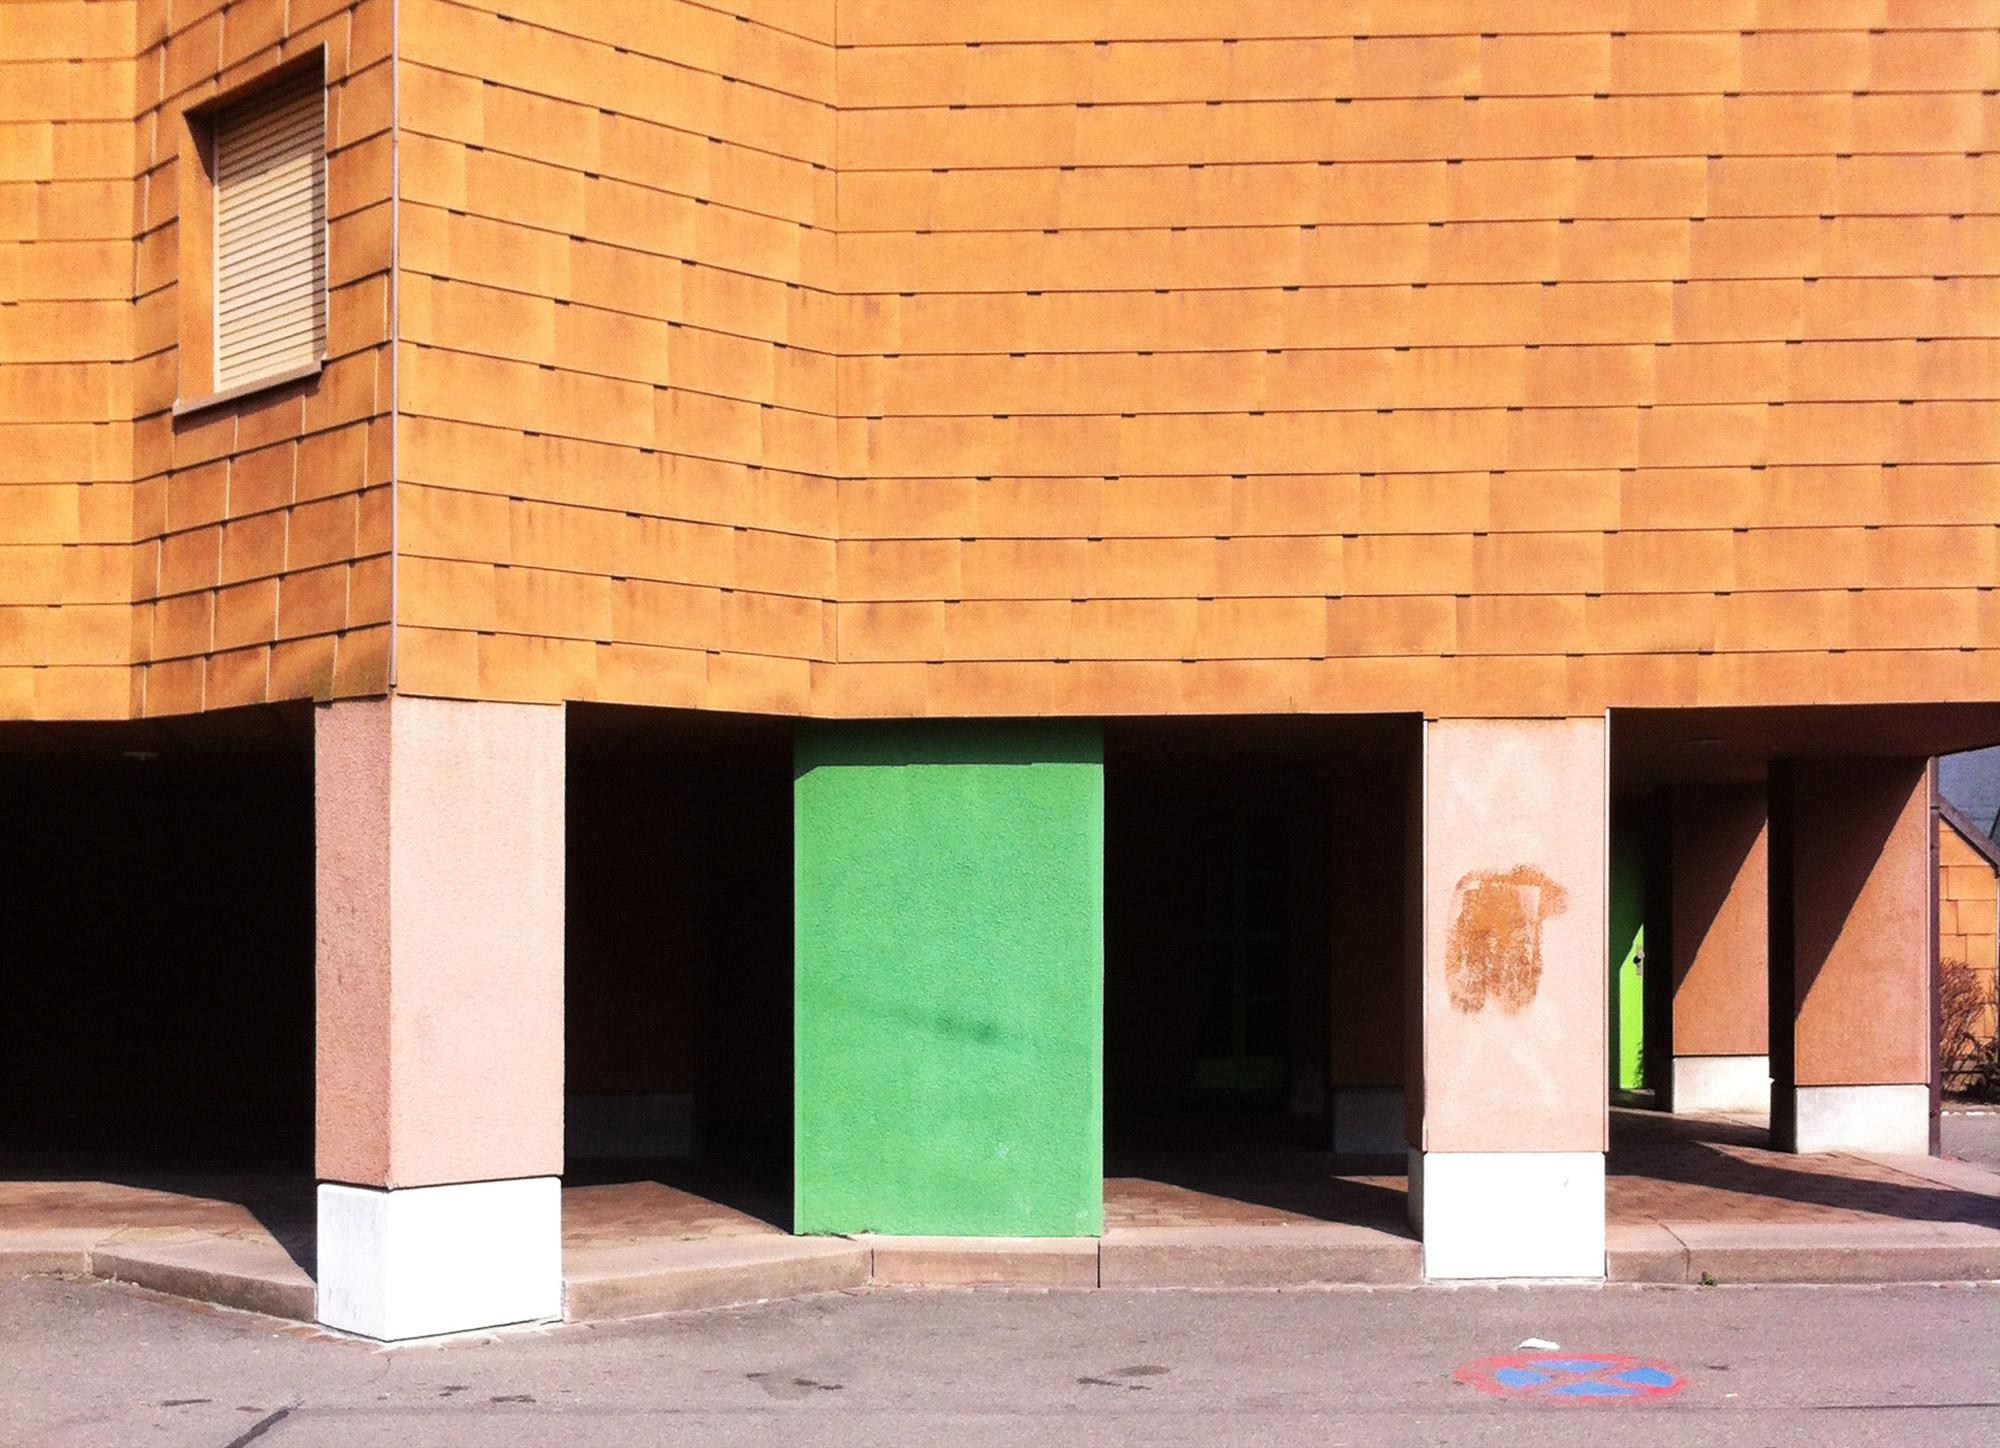 urbanbacklog-zurich-limmat2-4.jpg